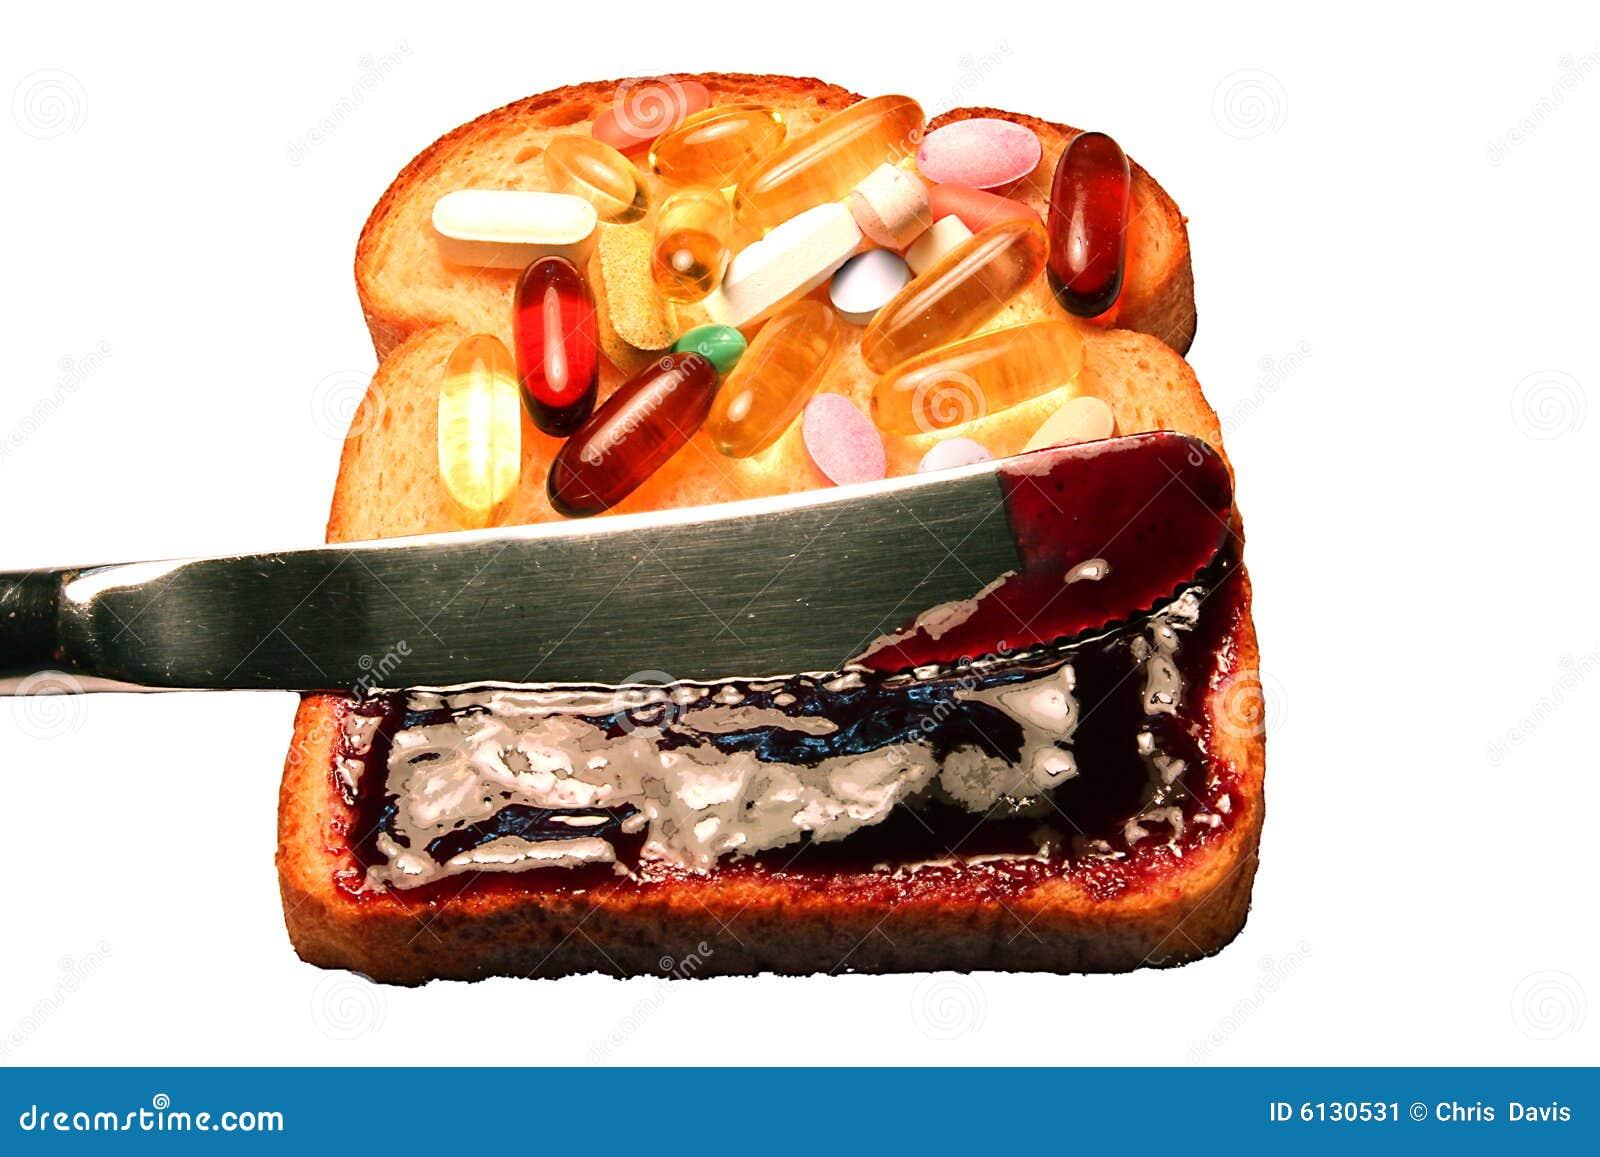 Vitamins on bread